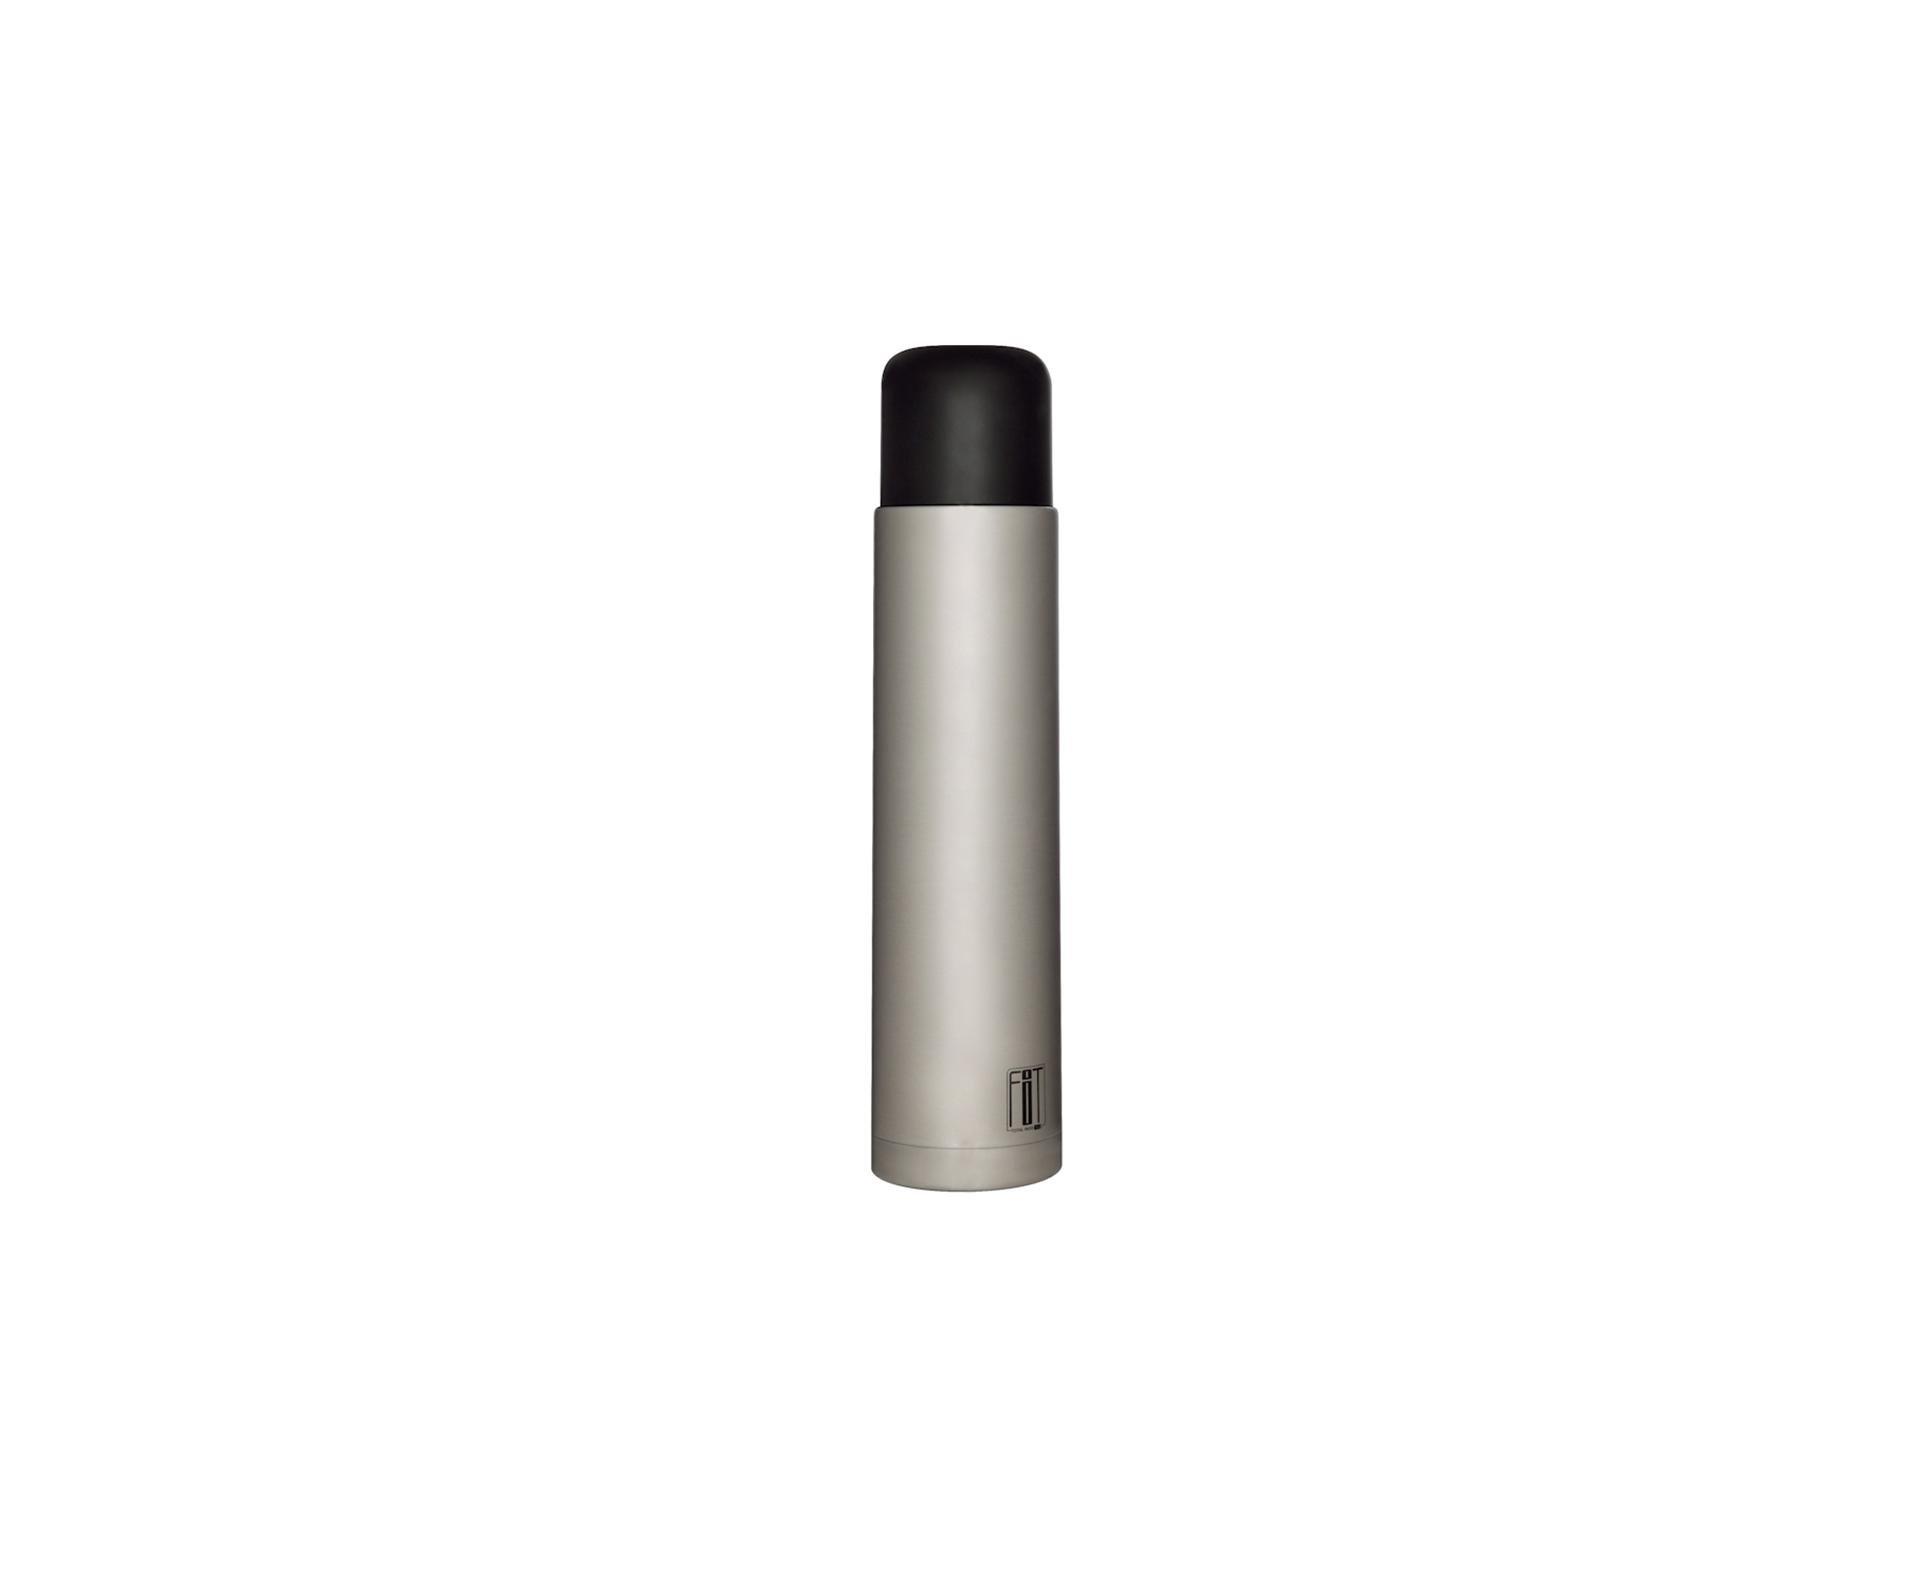 Garrafa Térmica Total Inox Fit 1,0 Litro  - Mor